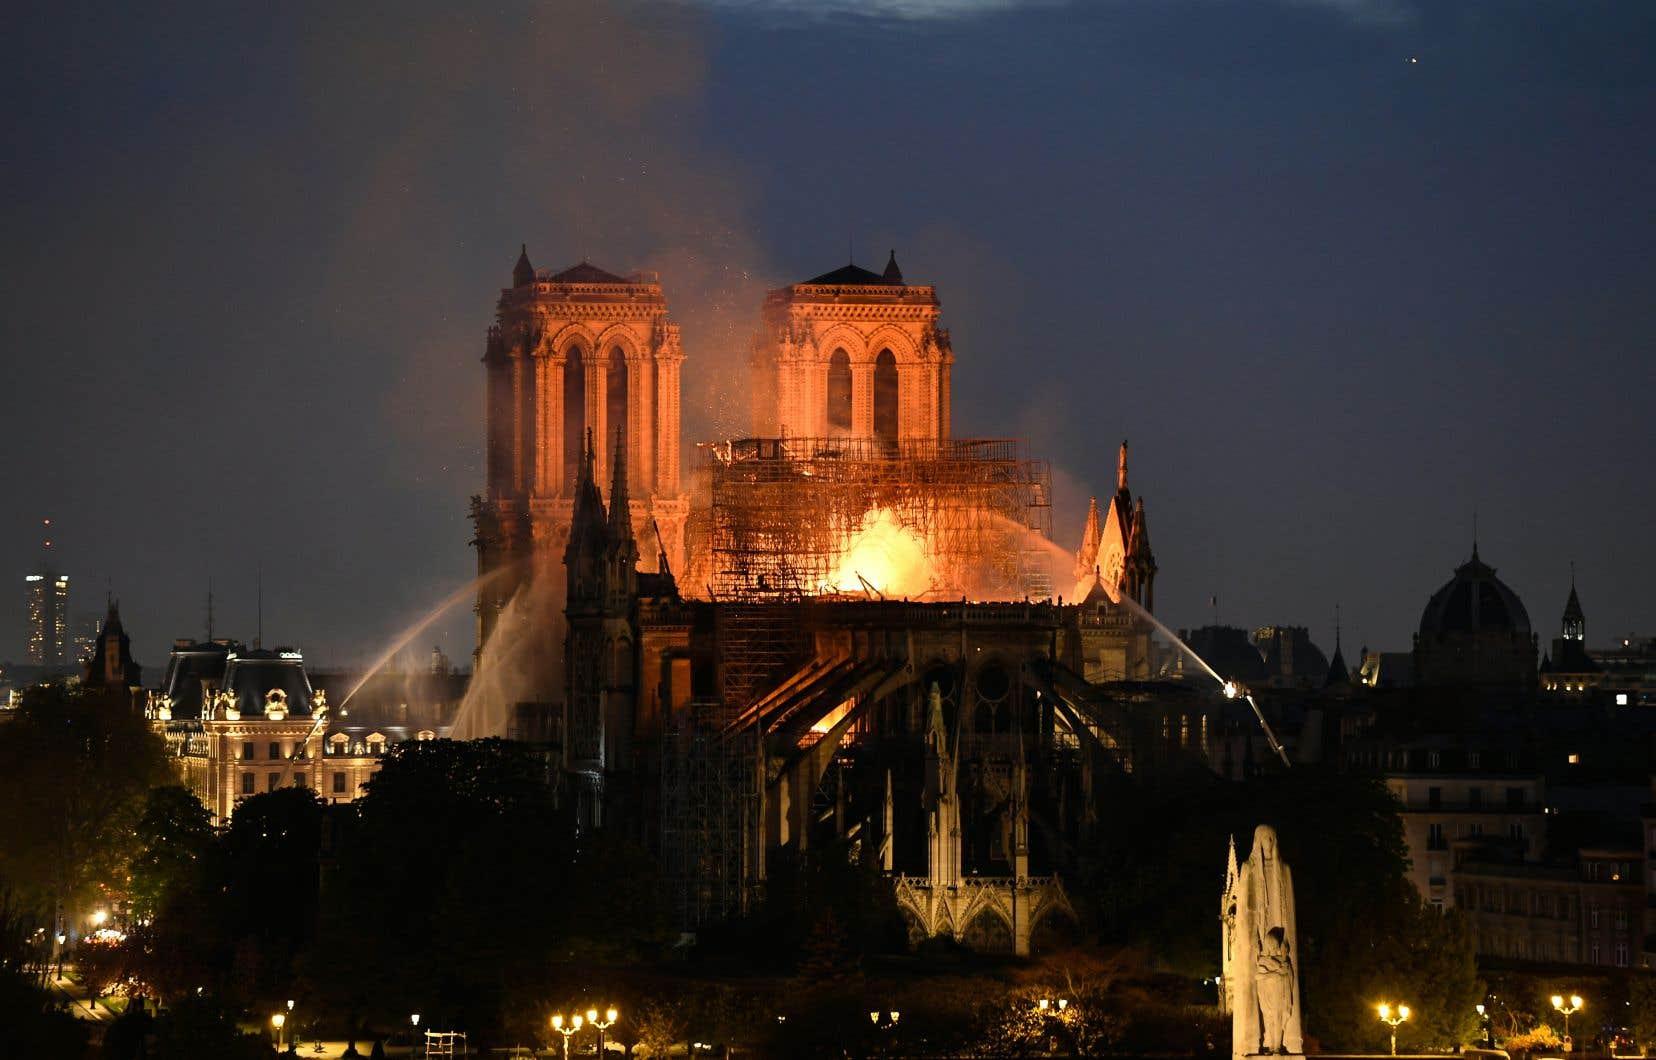 L'incendie est «potentiellement lié» aux travaux de rénovation de l'édifice, selon les pompiers.